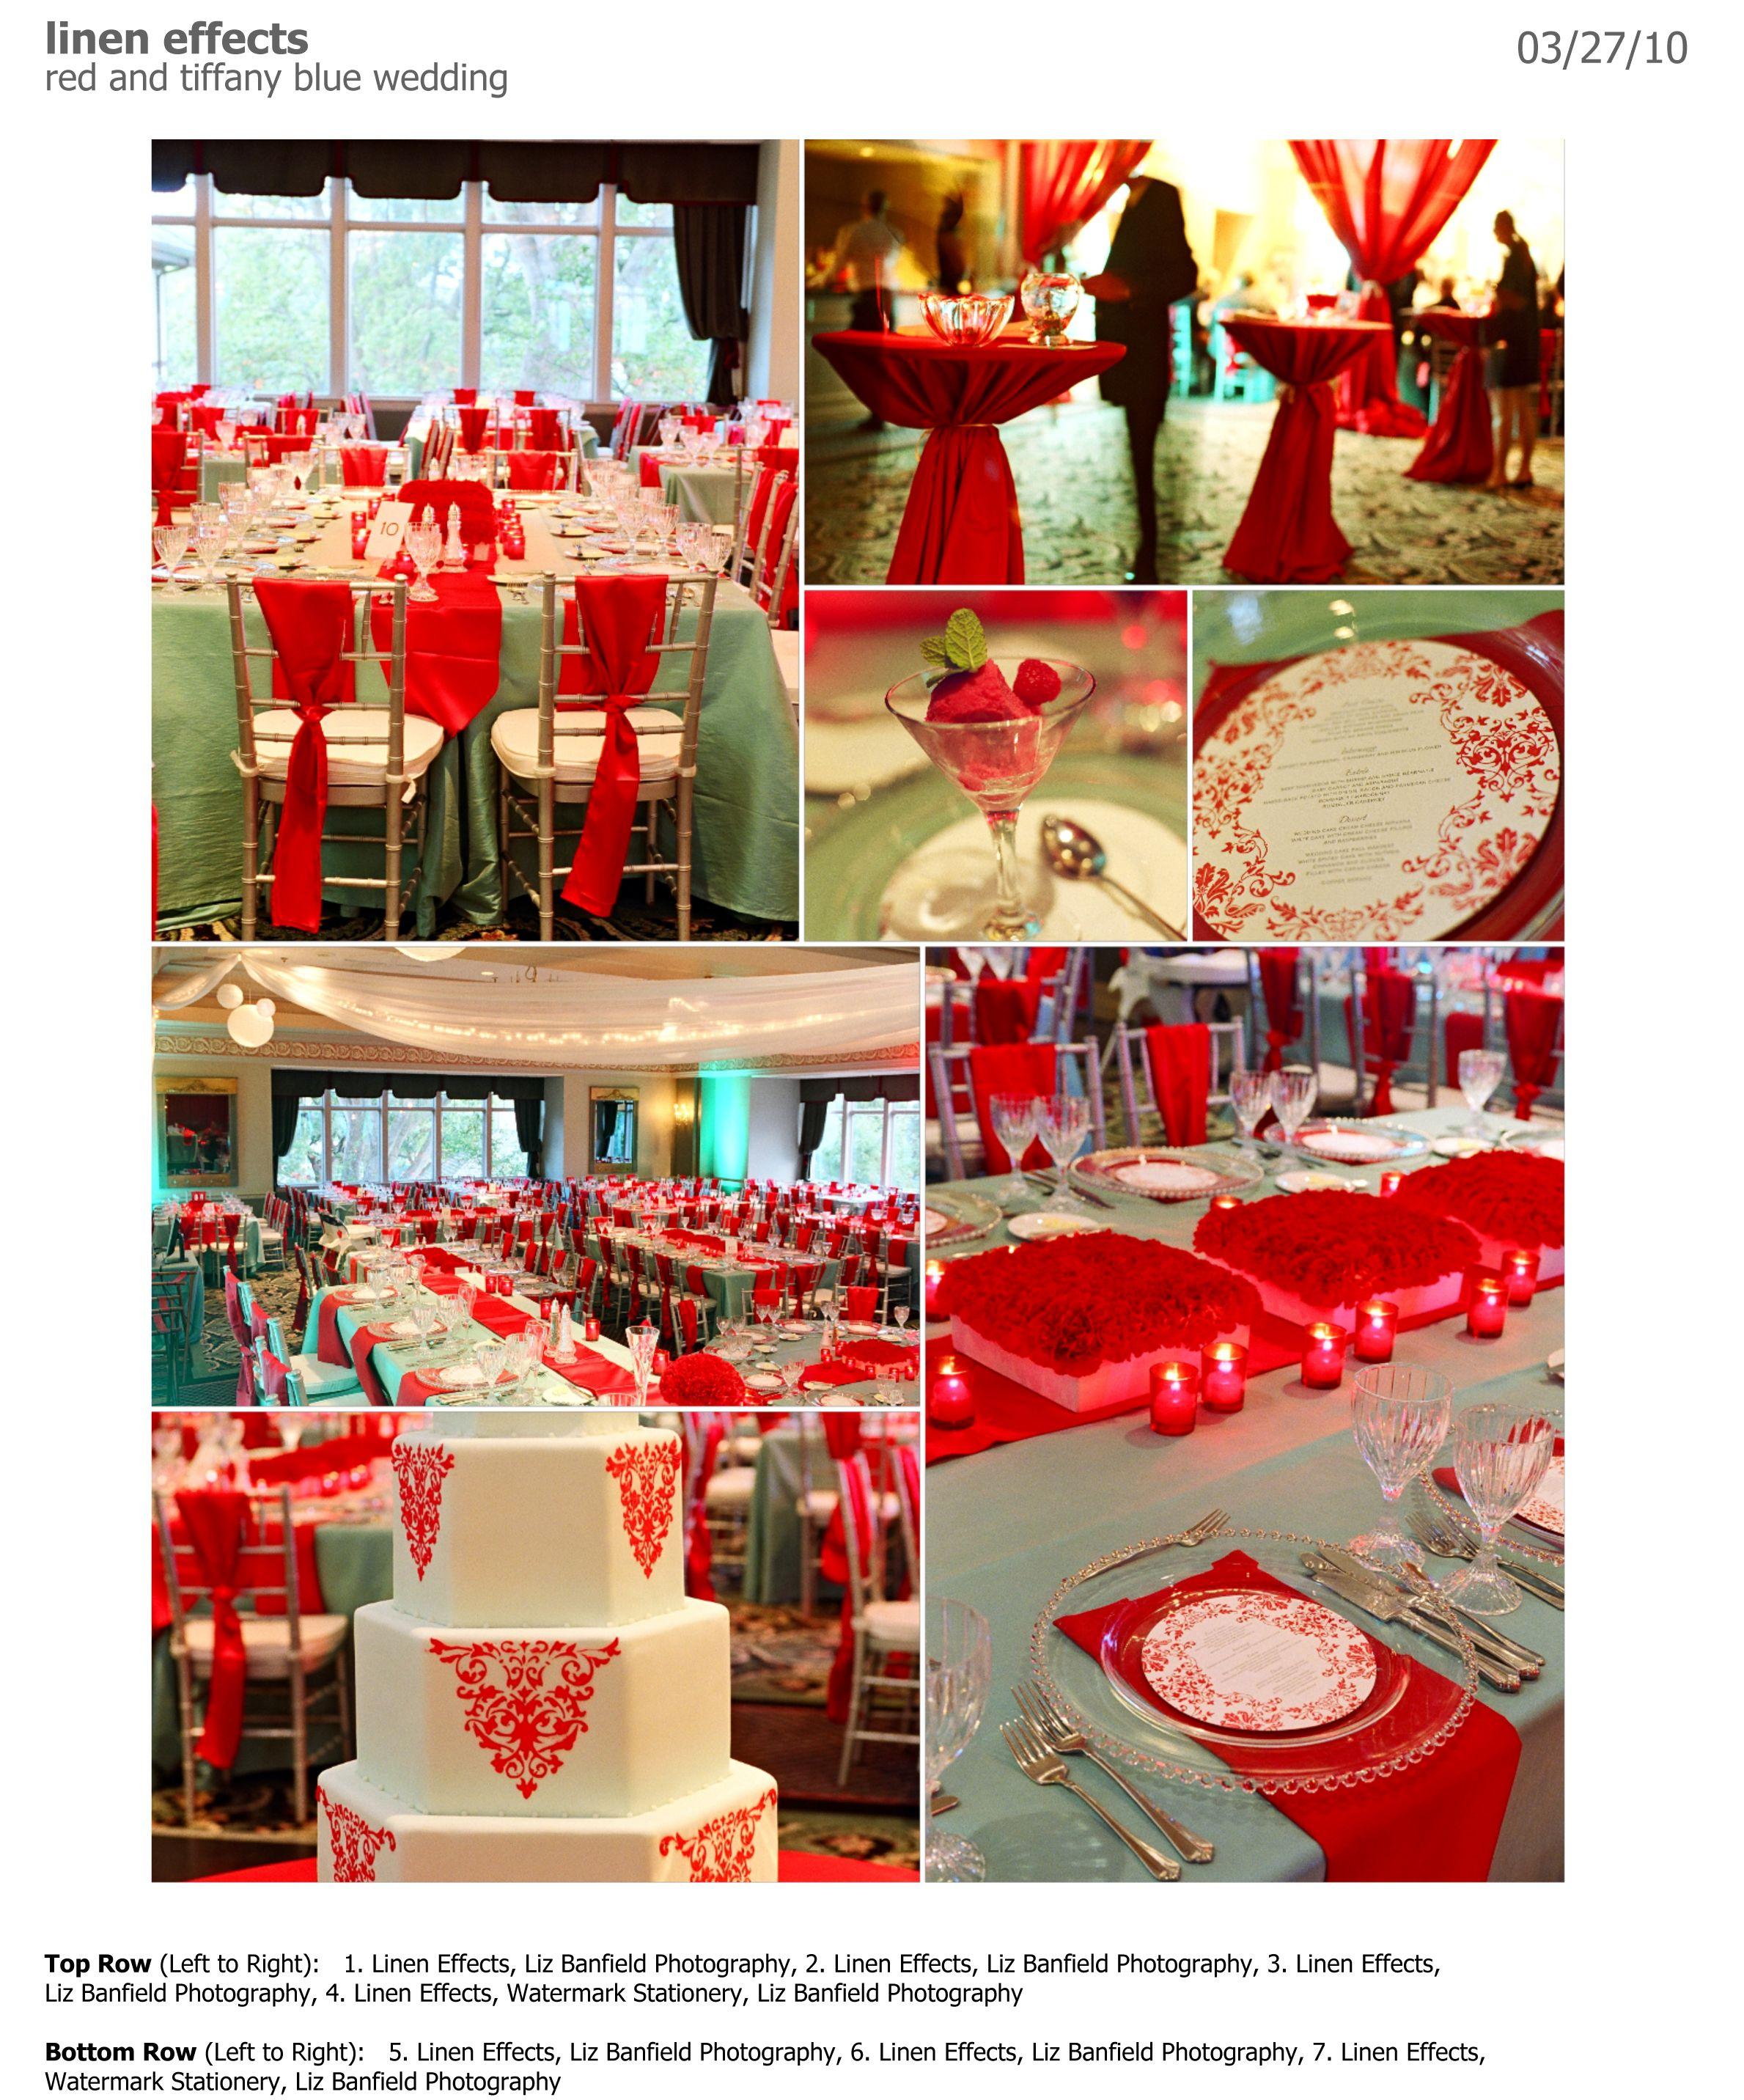 tiffany blue wedding tiffany blue and red wedding Google Search